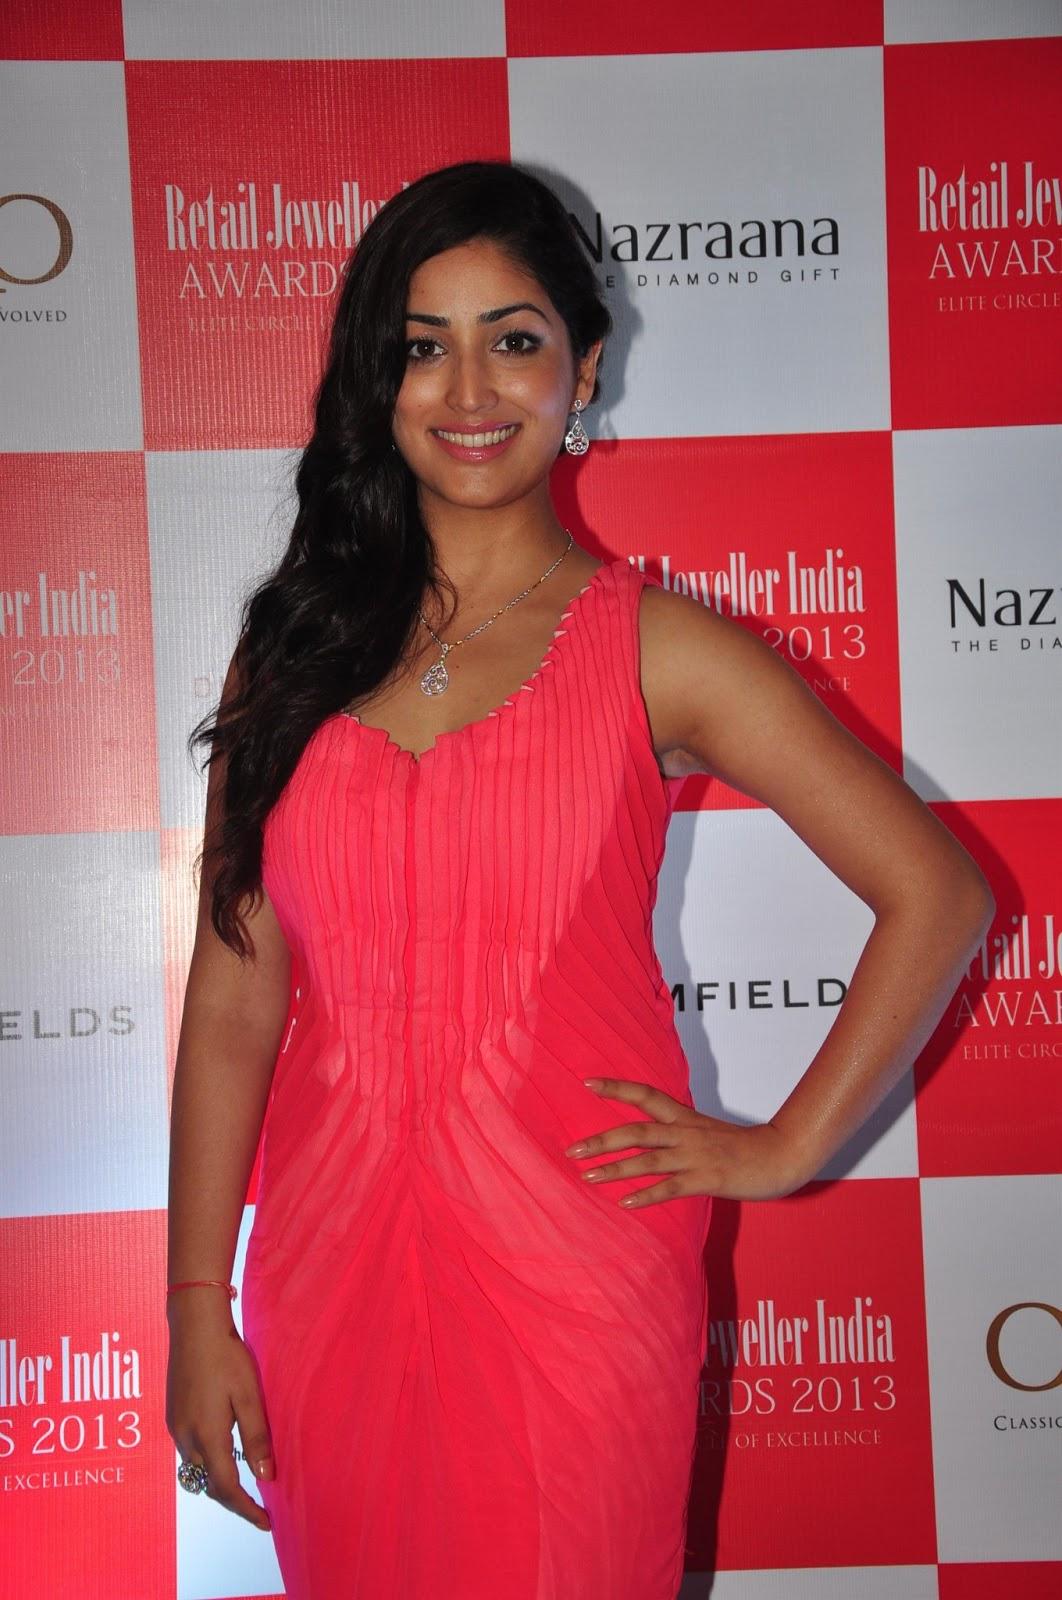 yami gautam gorgeous in pink dress at retail jeweller